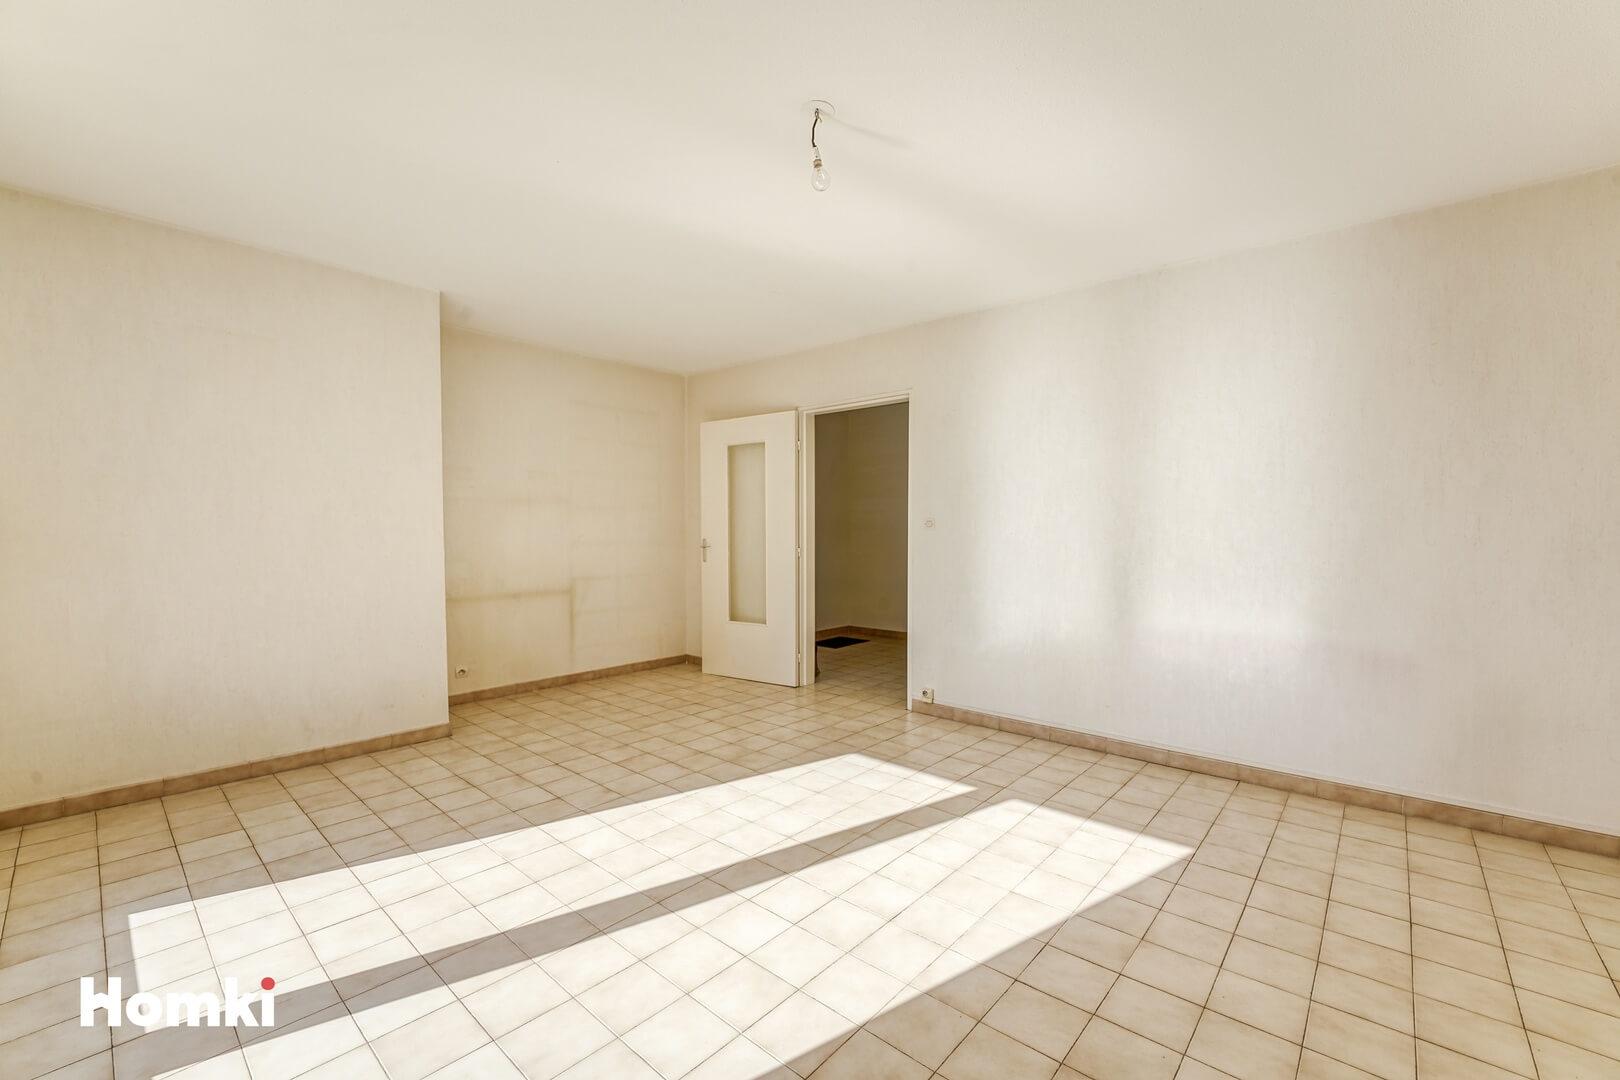 Homki - Vente Appartement  de 53.0 m² à Marseille 13005